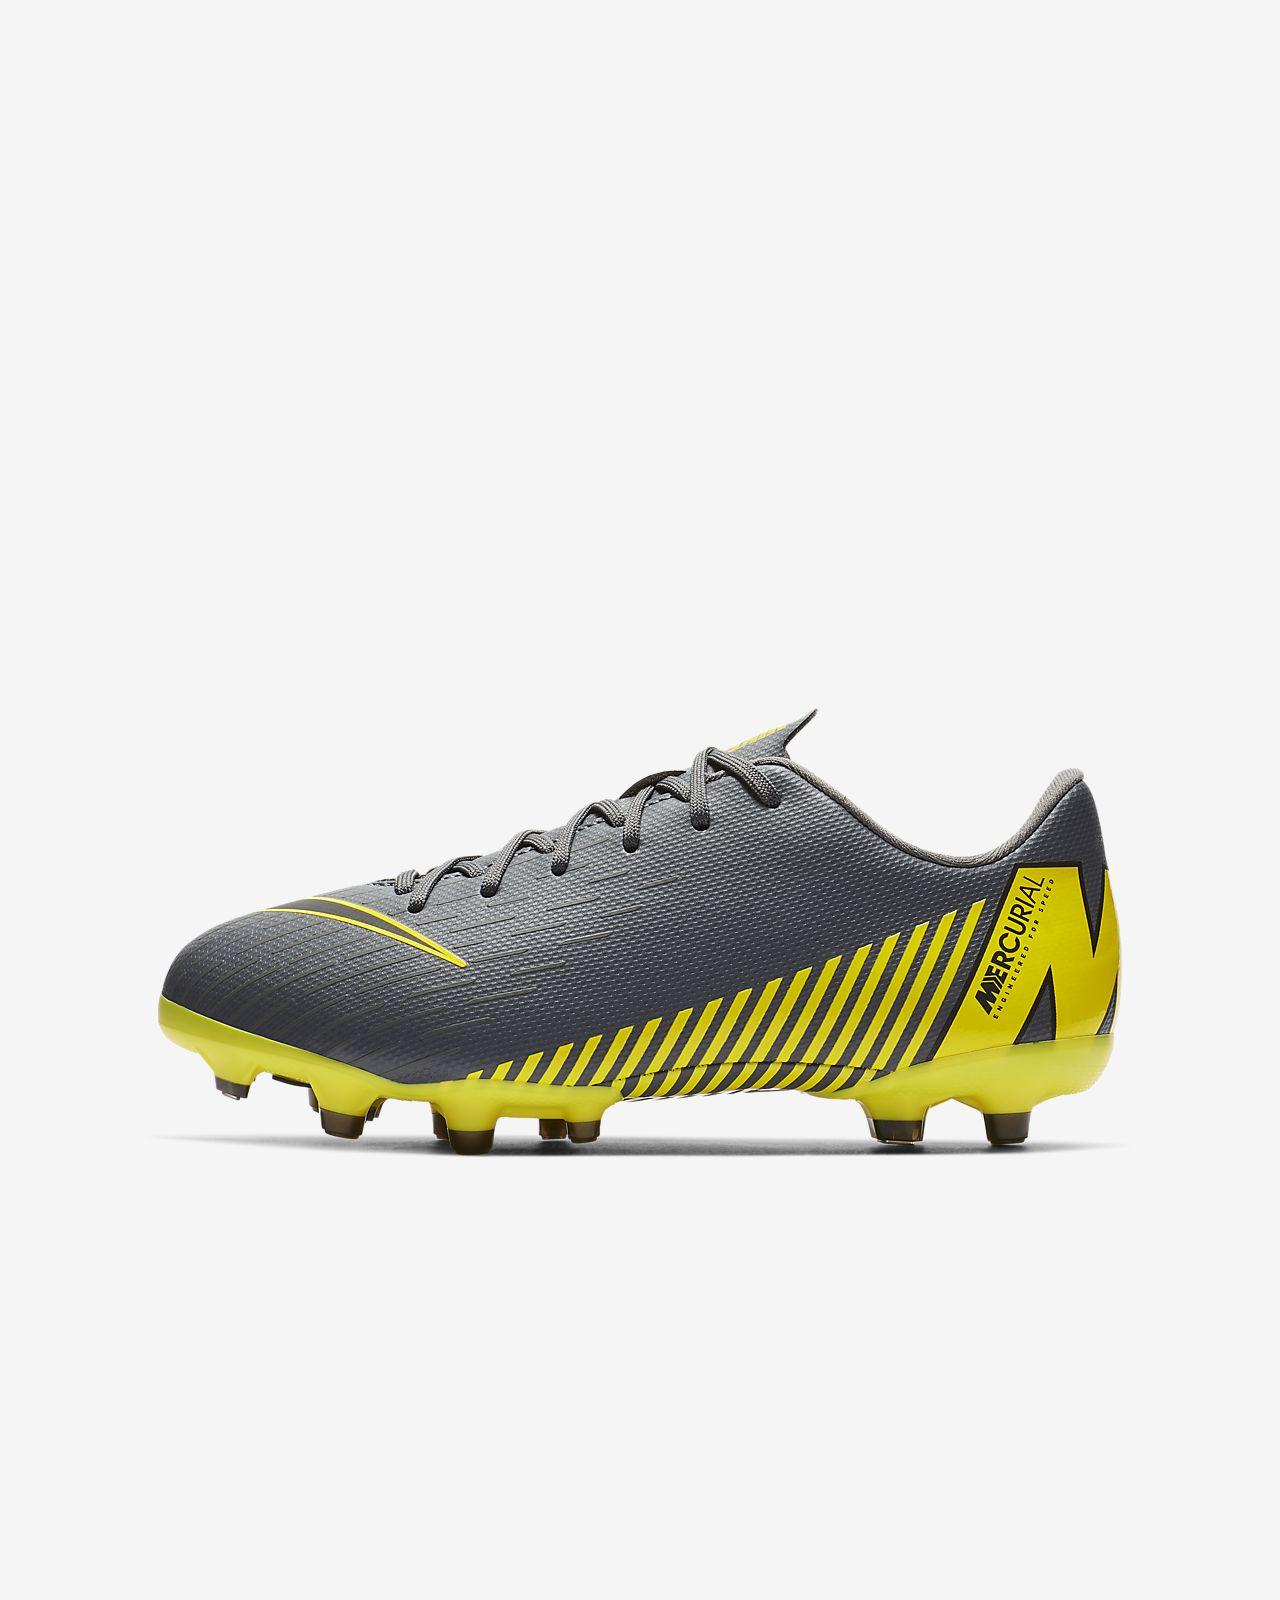 wholesale dealer 45033 925c9 Nike Jr. Mercurial Vapor XII Academy Voetbalschoen voor kleuterskids  (meerdere ondergronden)